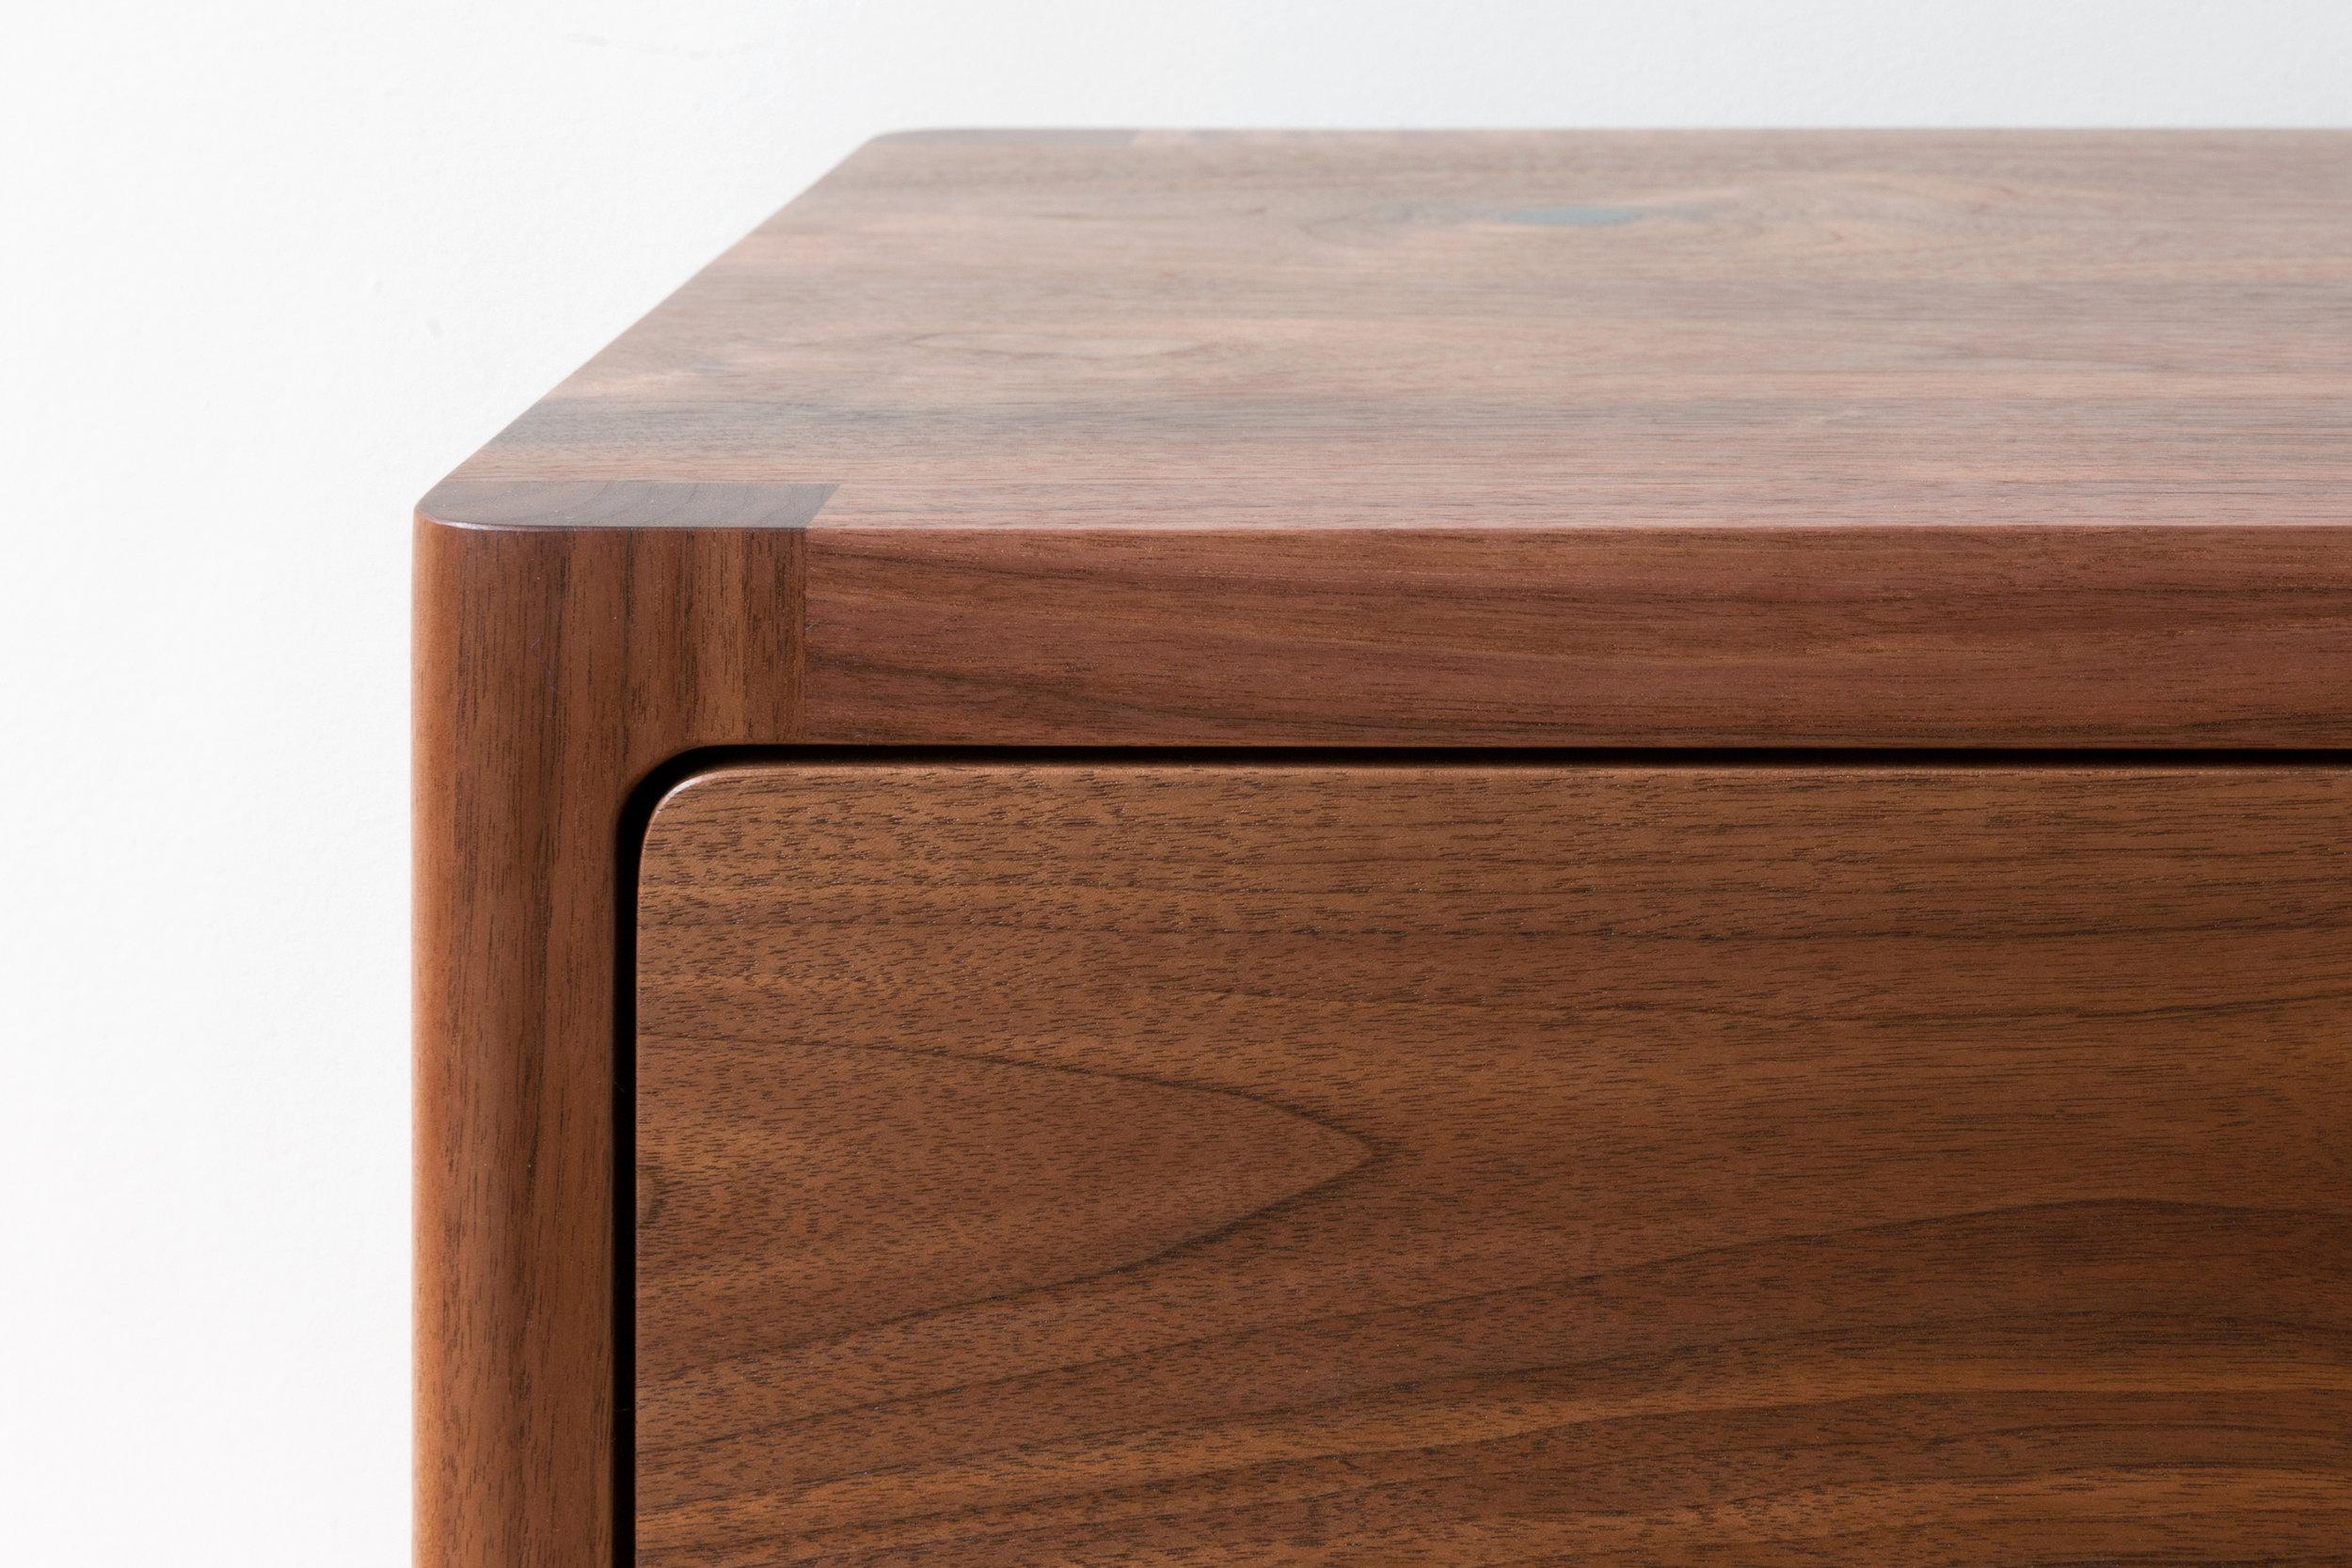 Cobb Cabinet Corner Details in Walnut by Piet Houtenbos